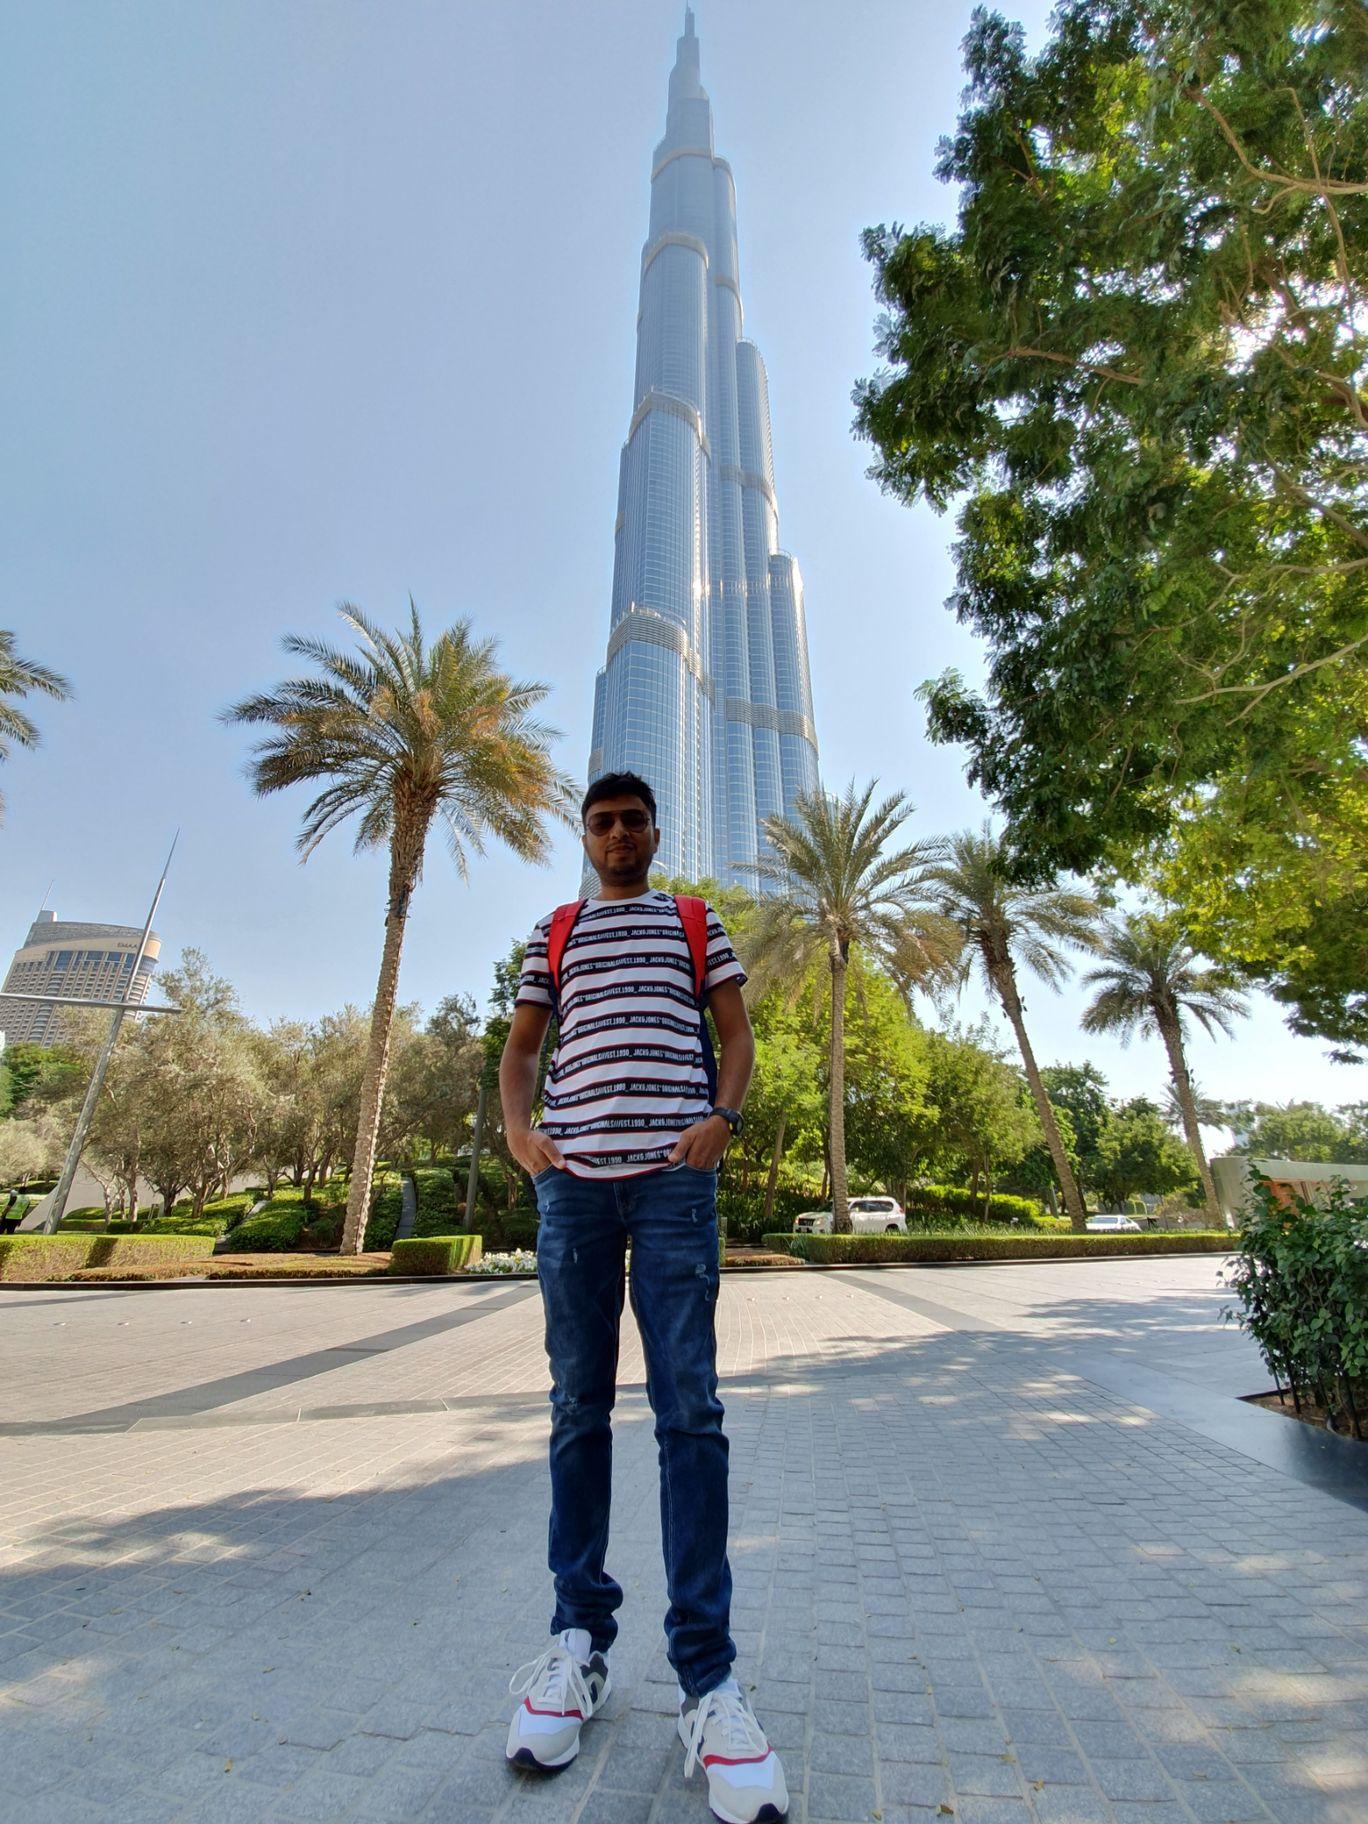 Photo of Dubai - United Arab Emirates By TravelBug